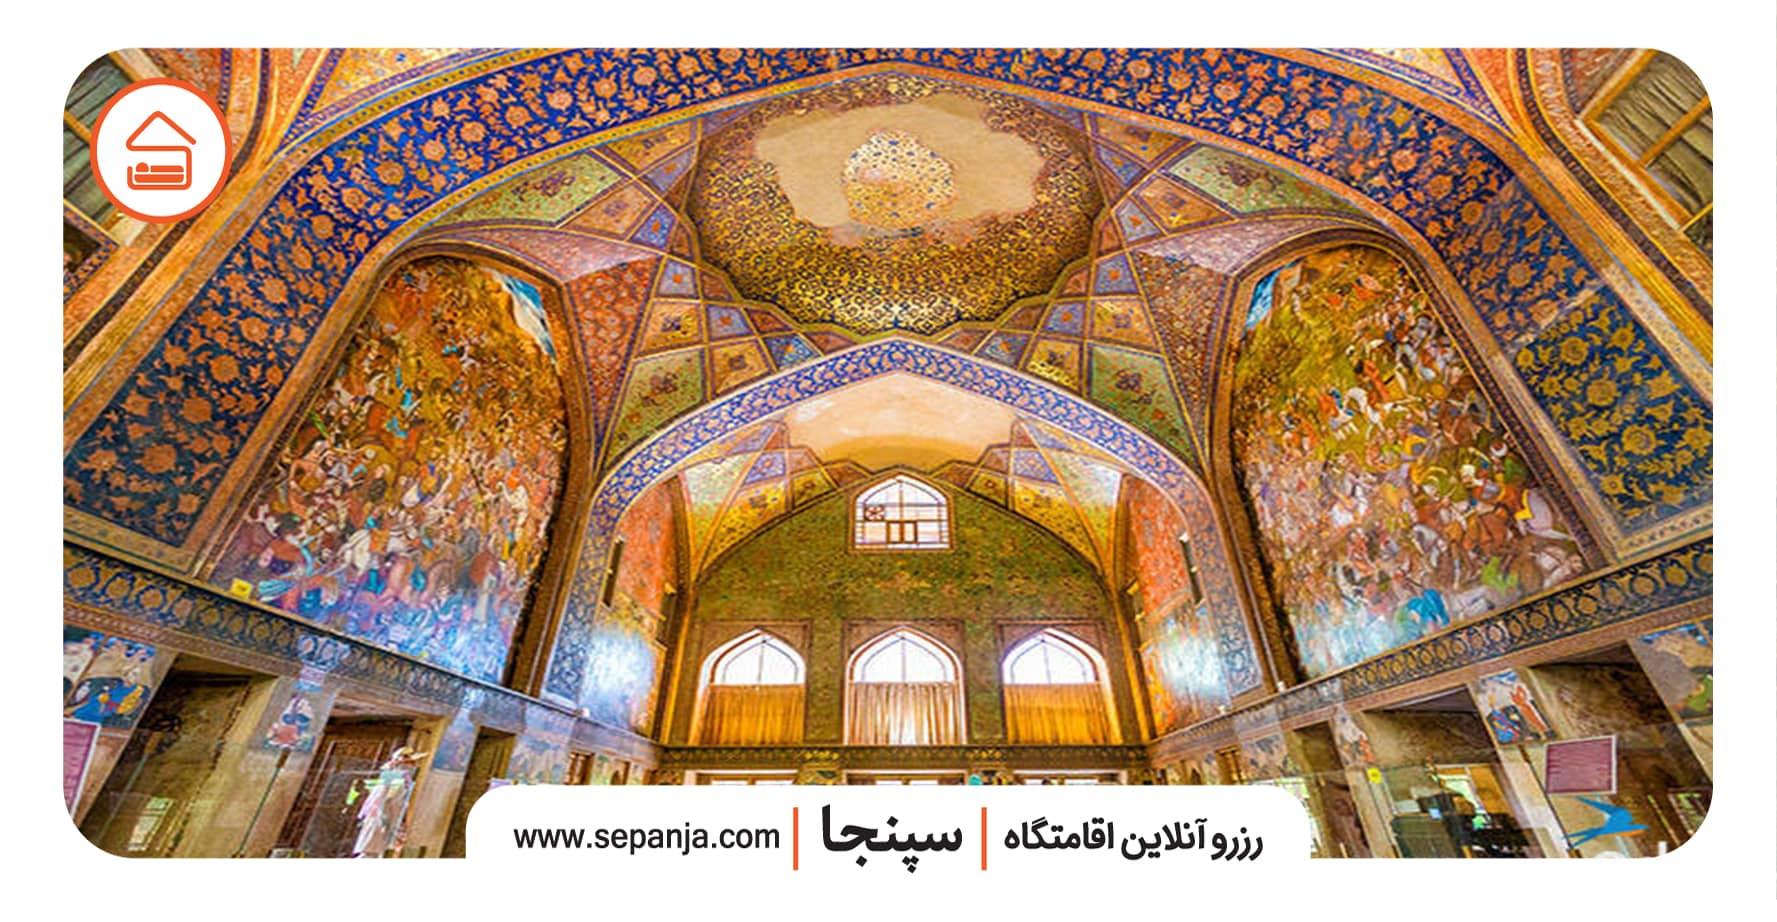 نمایی از نقاشی های کاخ چهل ستون اصفهان